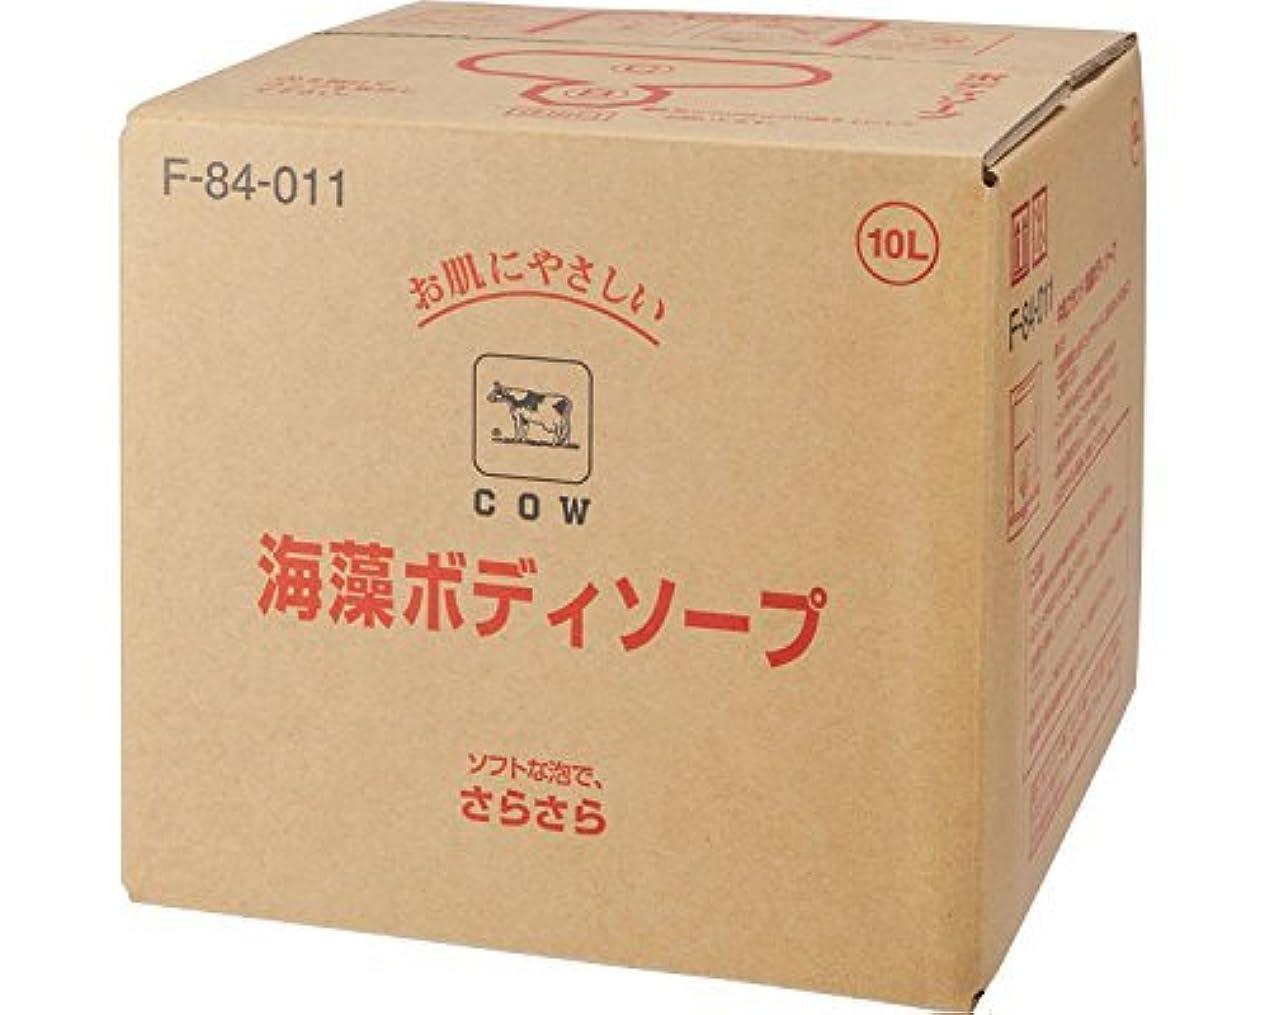 急降下インペリアル実り多い牛乳ブランド 海藻ボディソープ /  10L F-84-011 【牛乳石鹸】 【清拭小物】